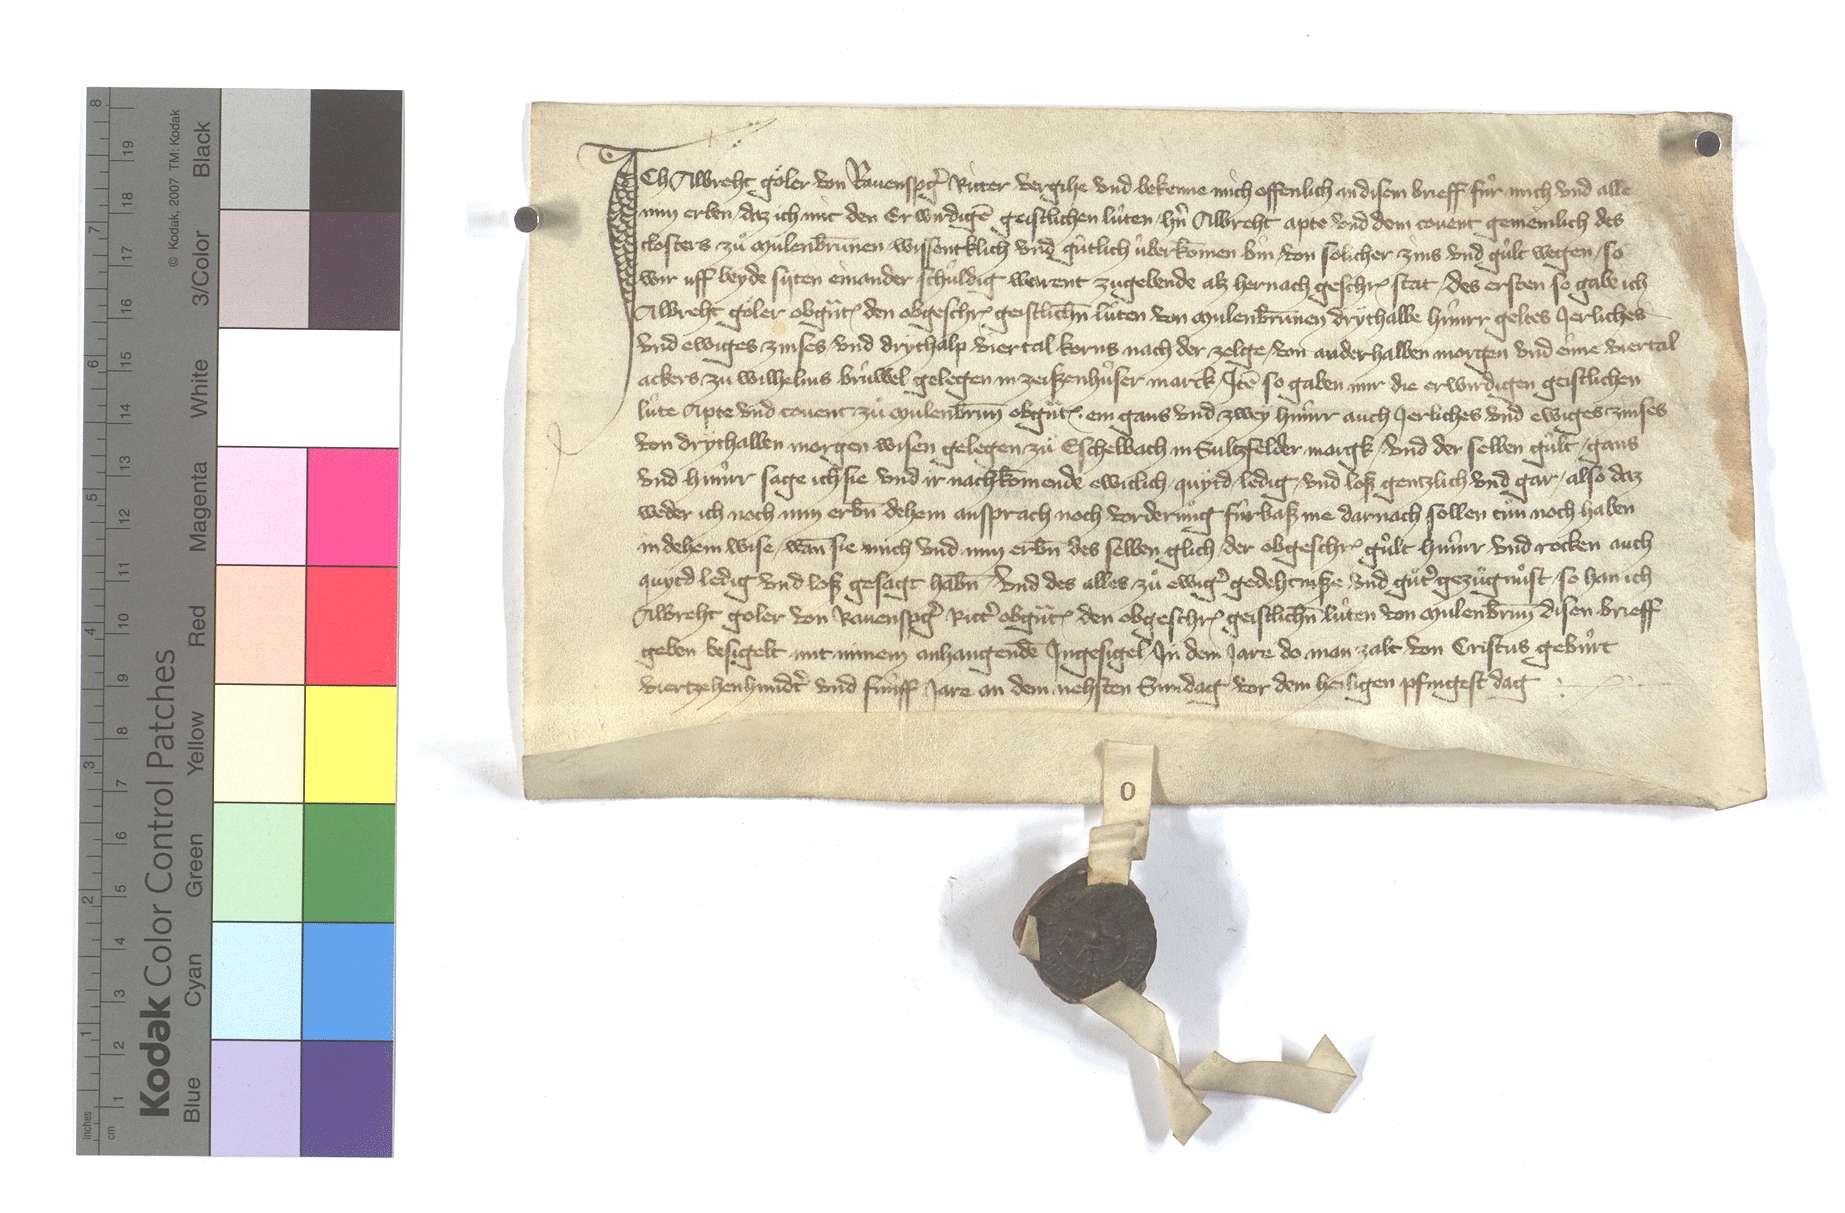 Albrecht Göler von Ravensburg (Ravensperg) verkauft dem Kloster Maulbronn etliche Zinsen und Gülten in Zaisenhausen gegen dergleichen andere zu Eschelbach in Sulzfelder Markung., Text